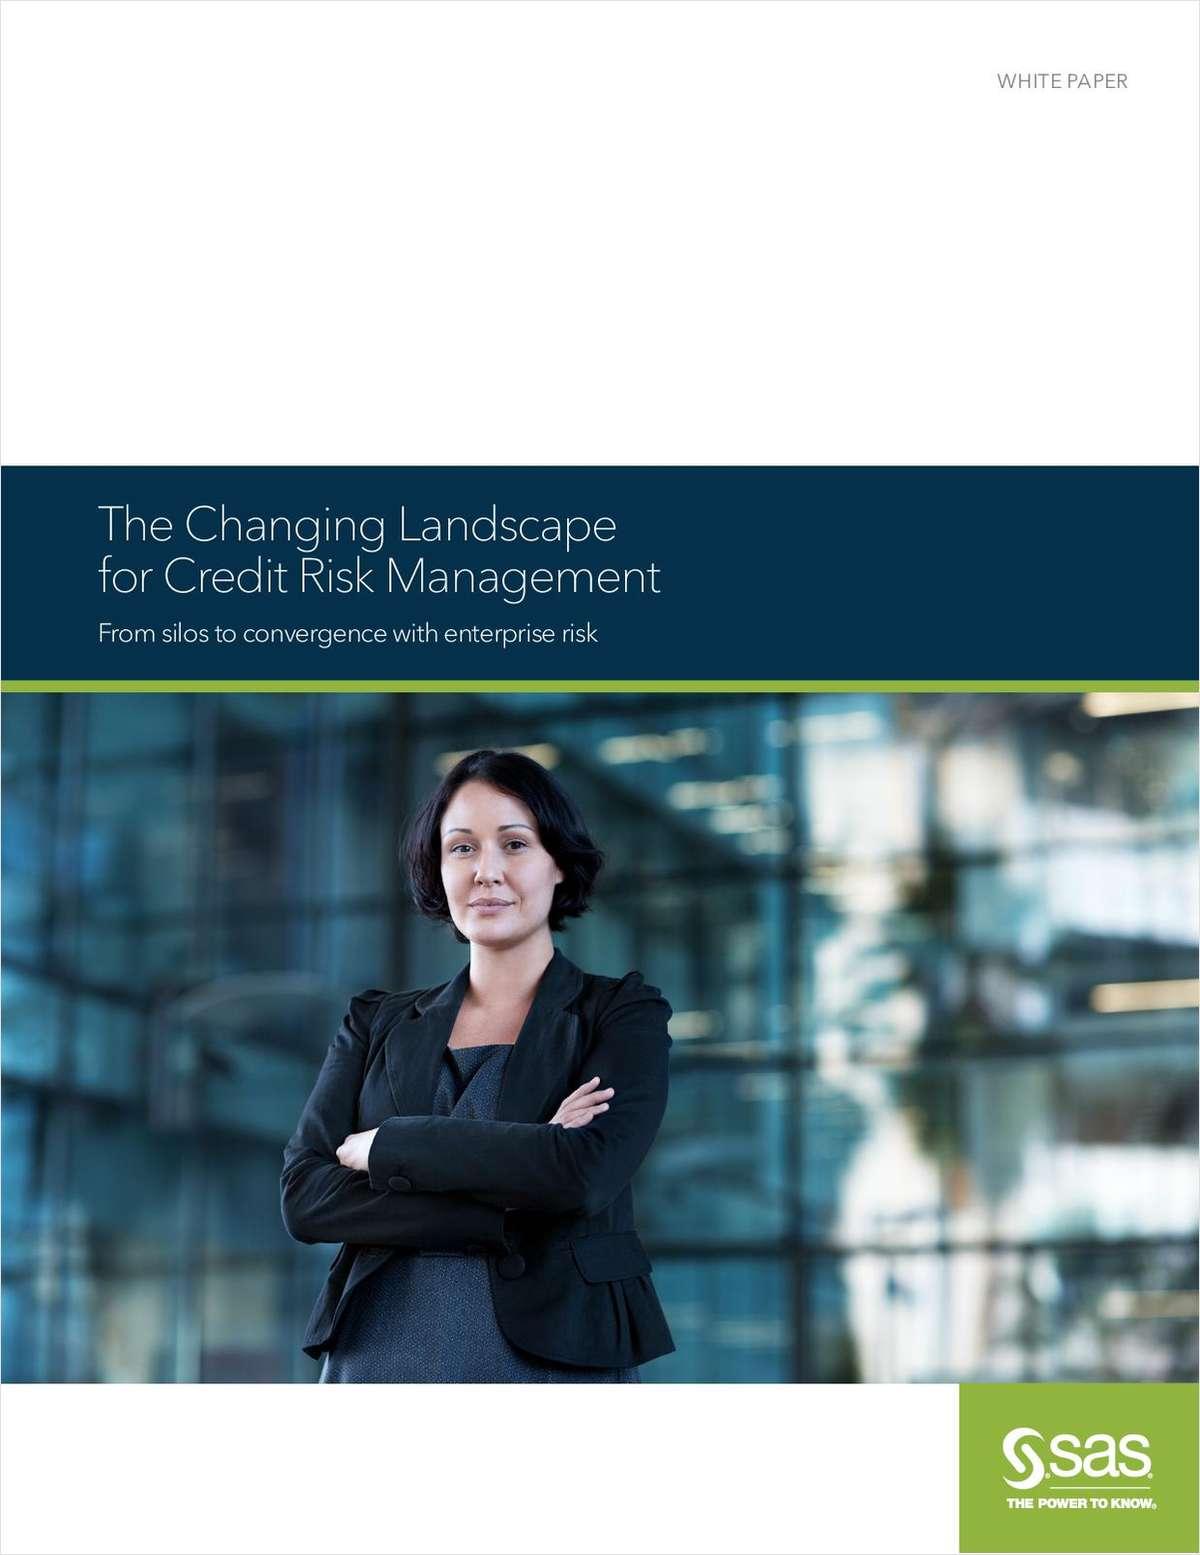 The Changing Landscape for Credit Risk Management